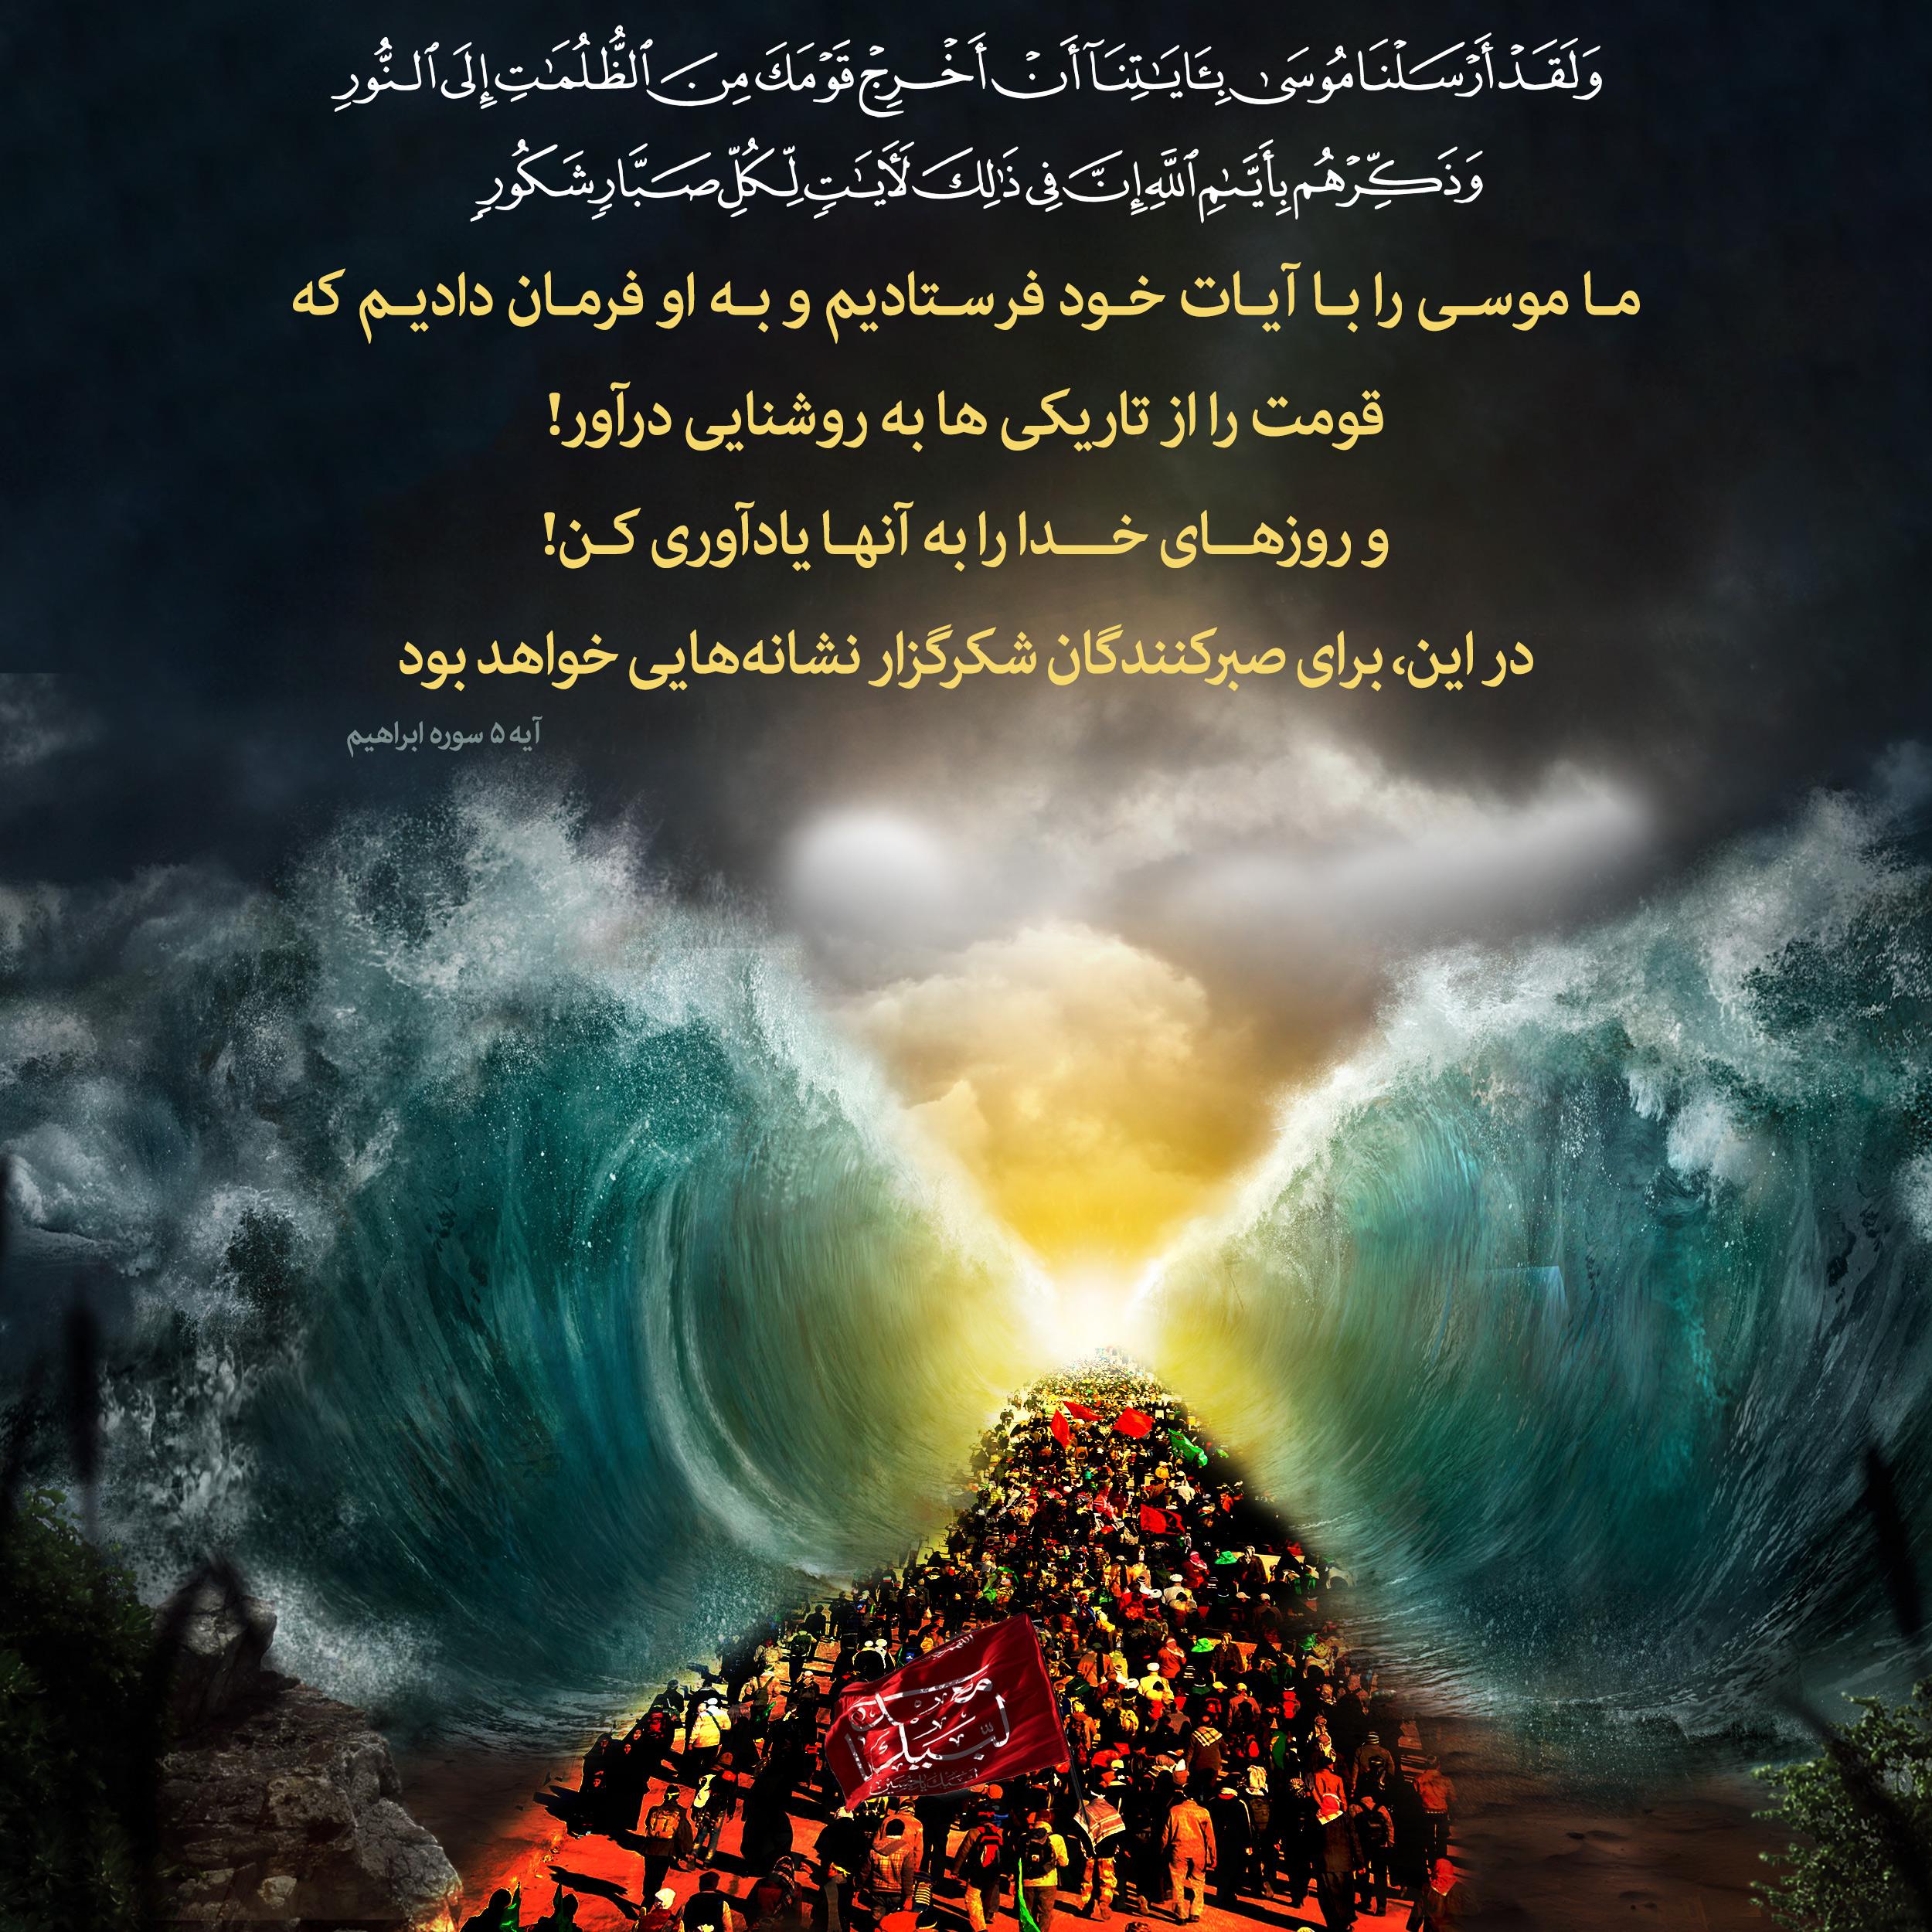 انقلاب اسلامی مردم ایران